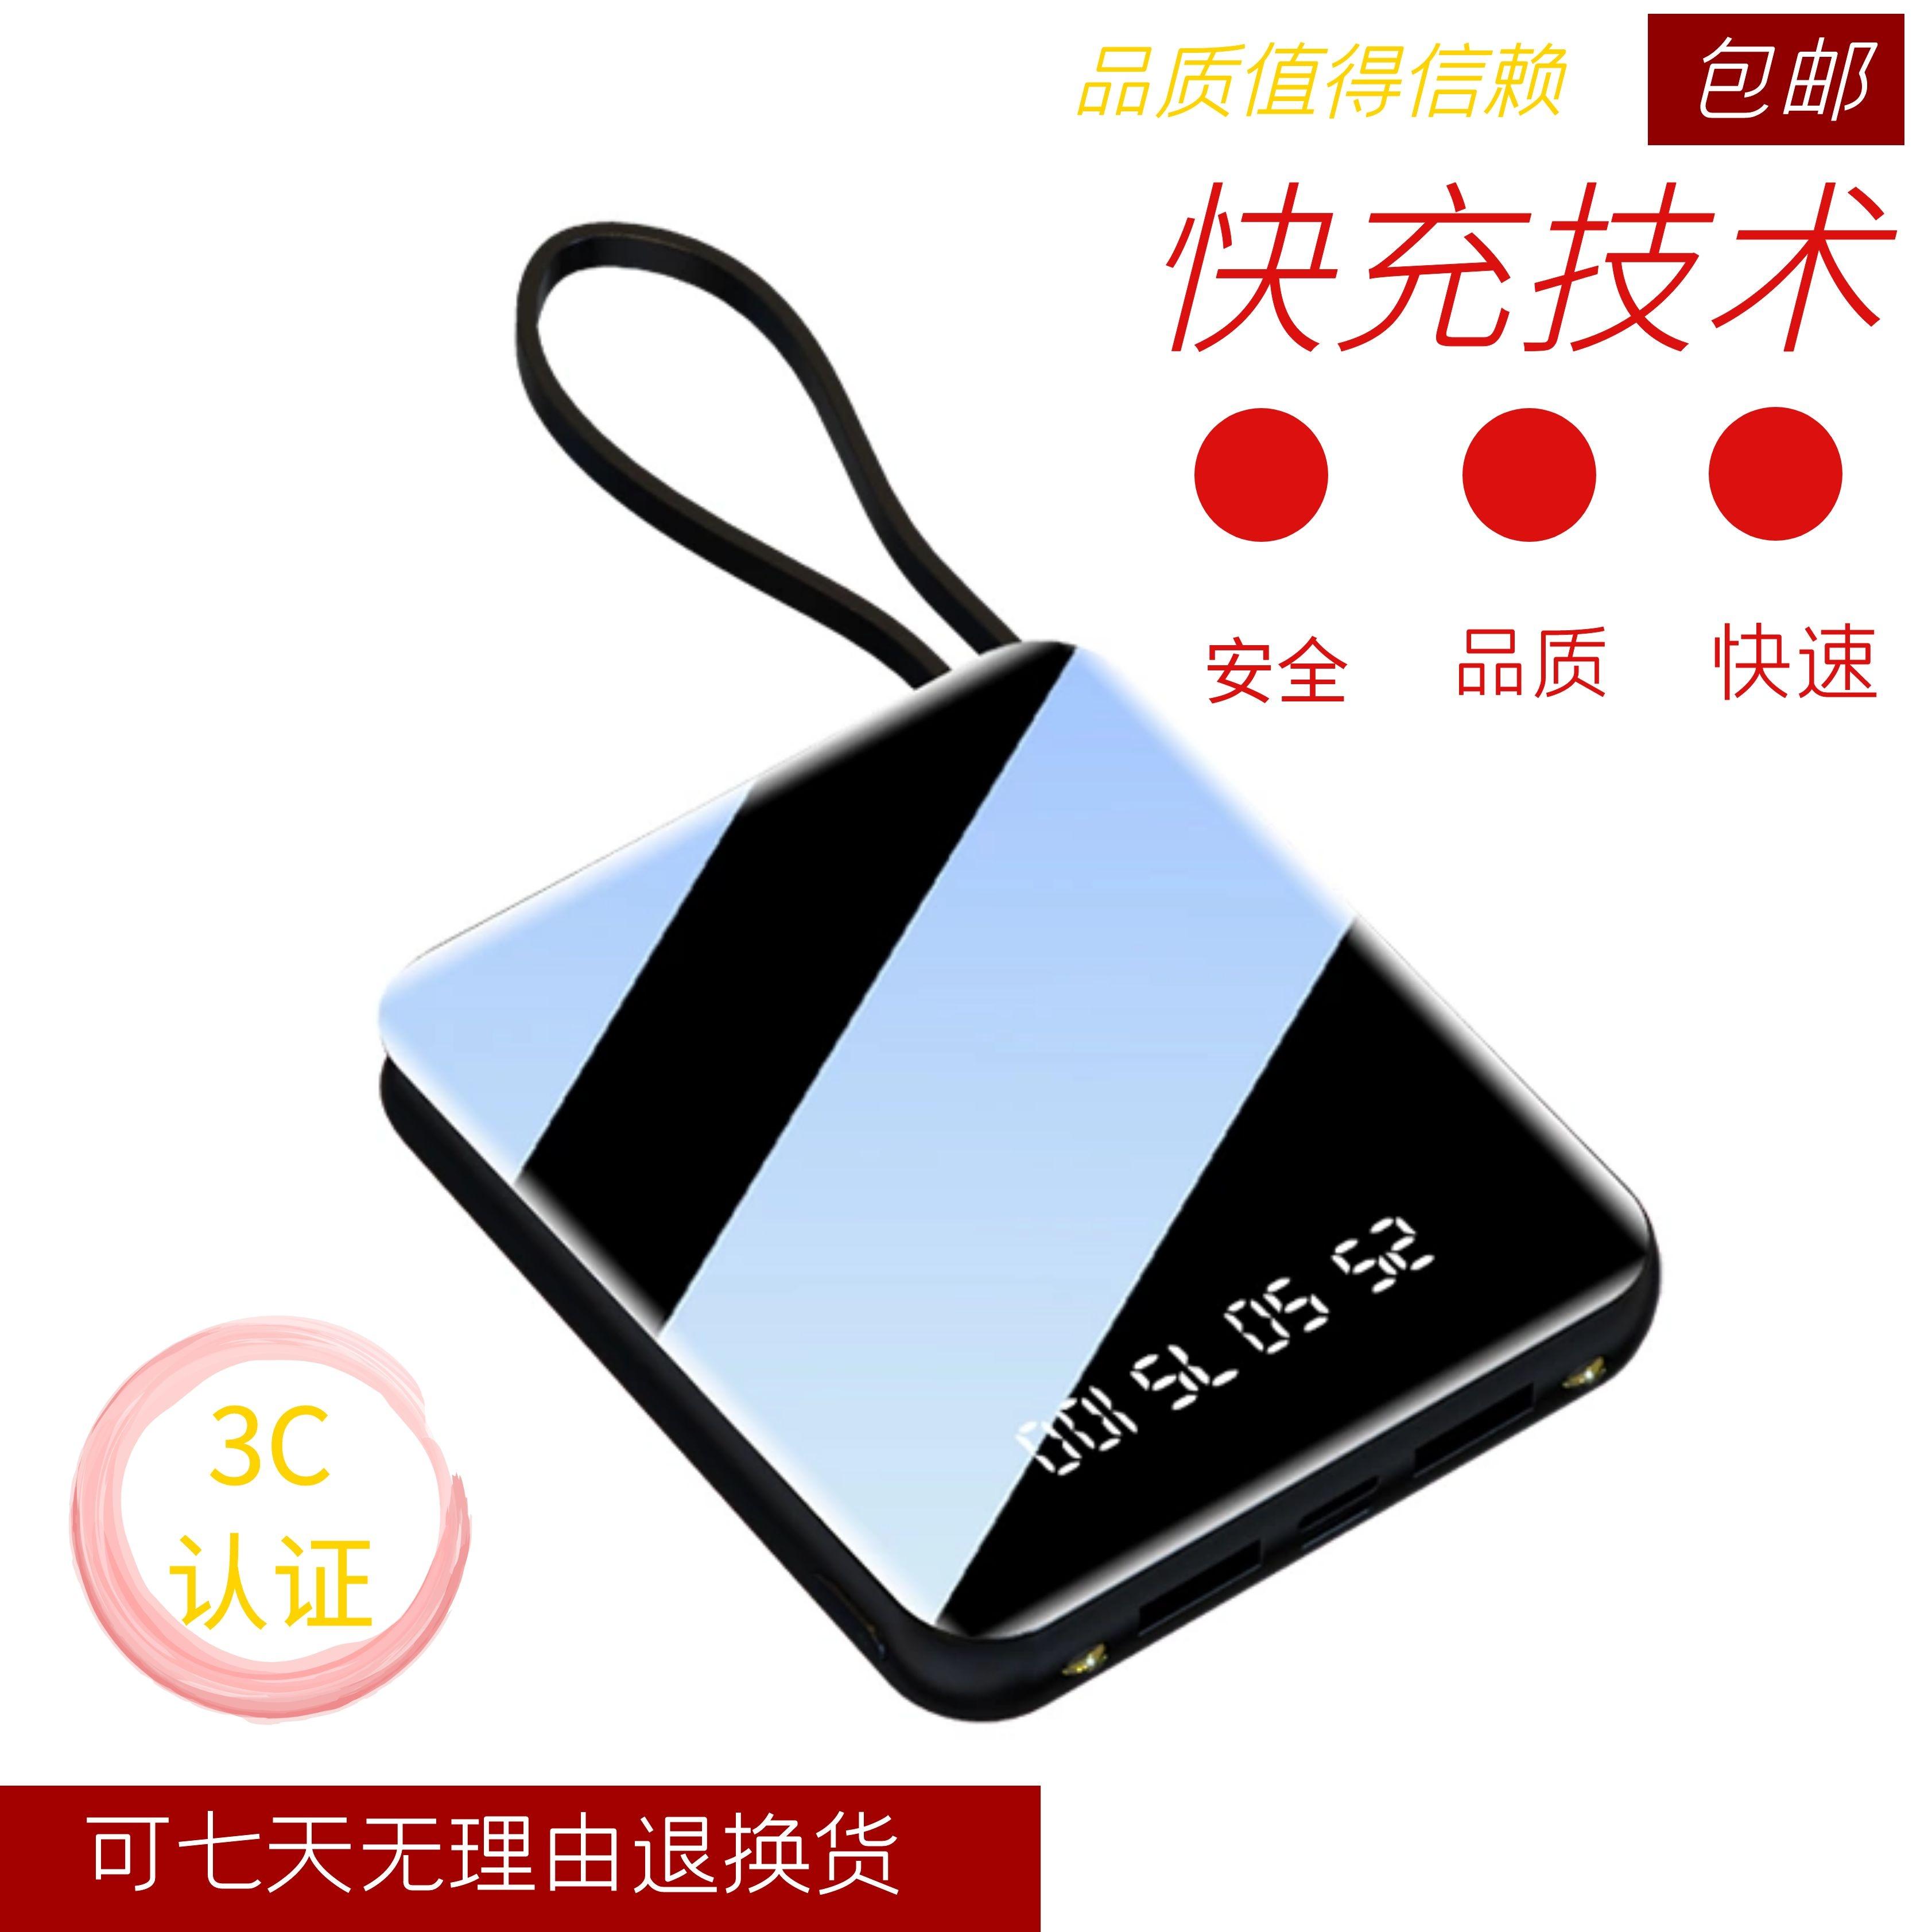 中國代購|中國批發-ibuy99|充电宝|自带线全面屏8000毫安移动电源安卓平板智能任何手机通用充电宝器